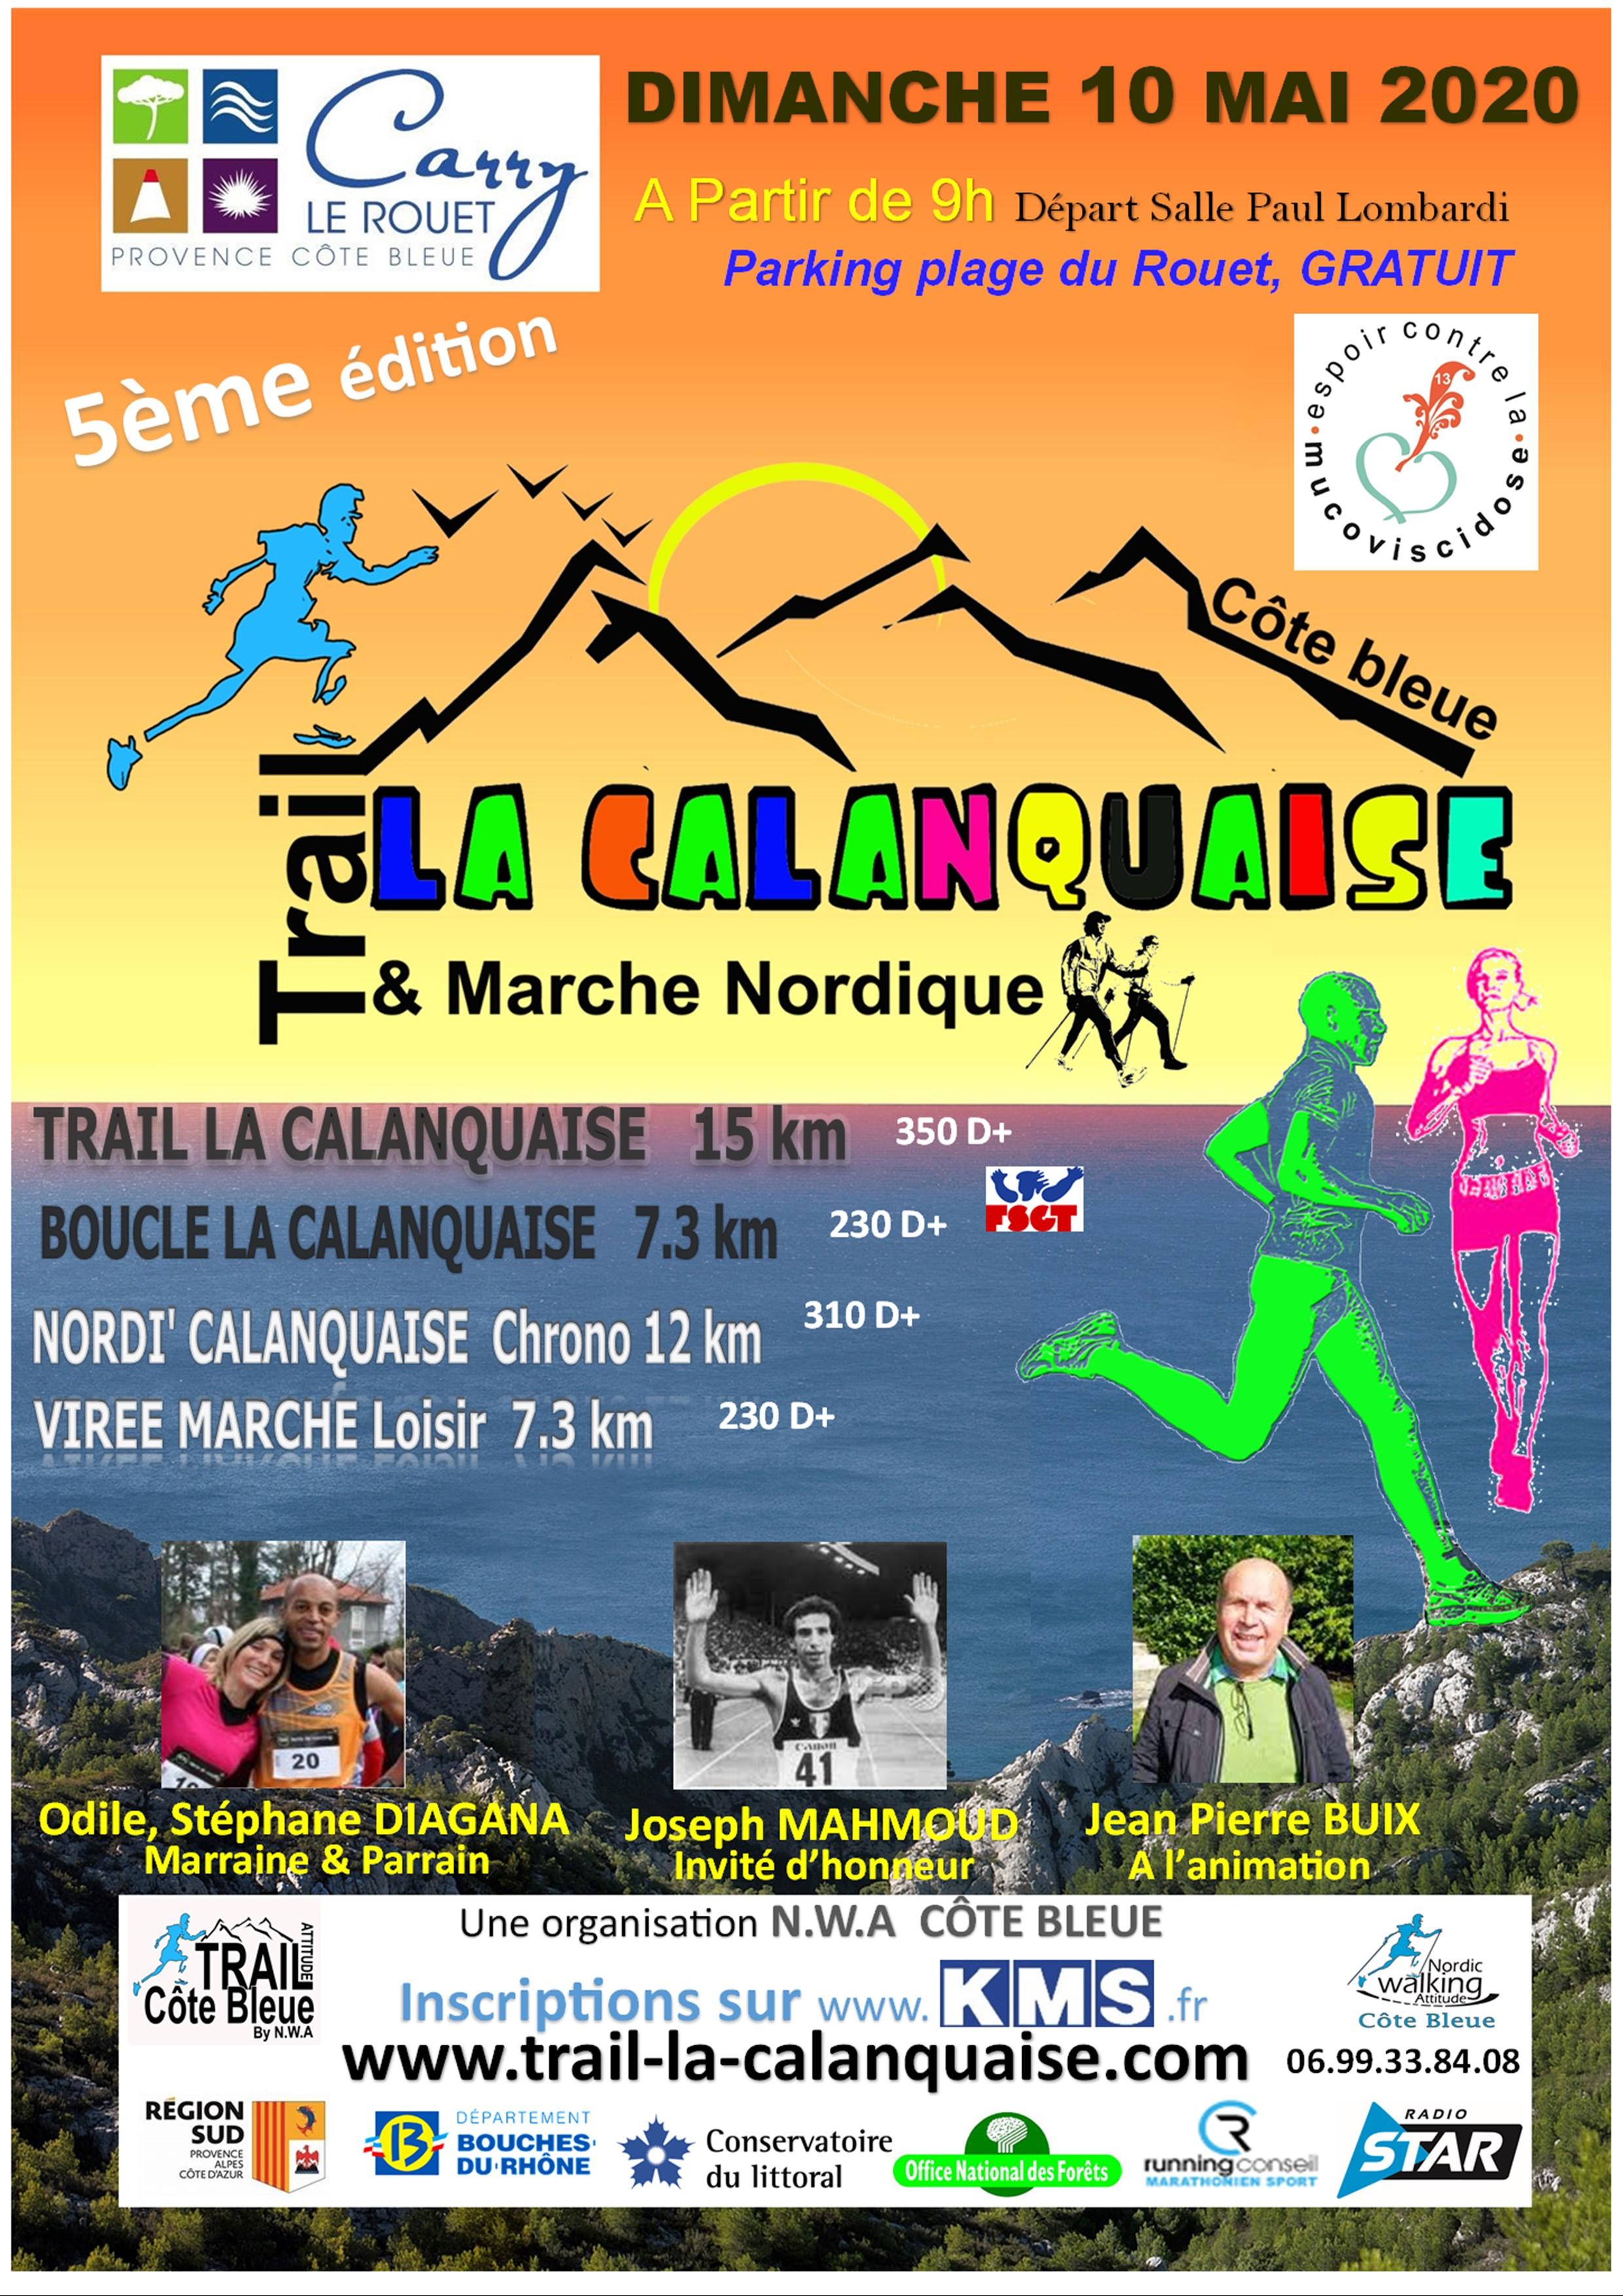 La Calanquaise - Trail 15km